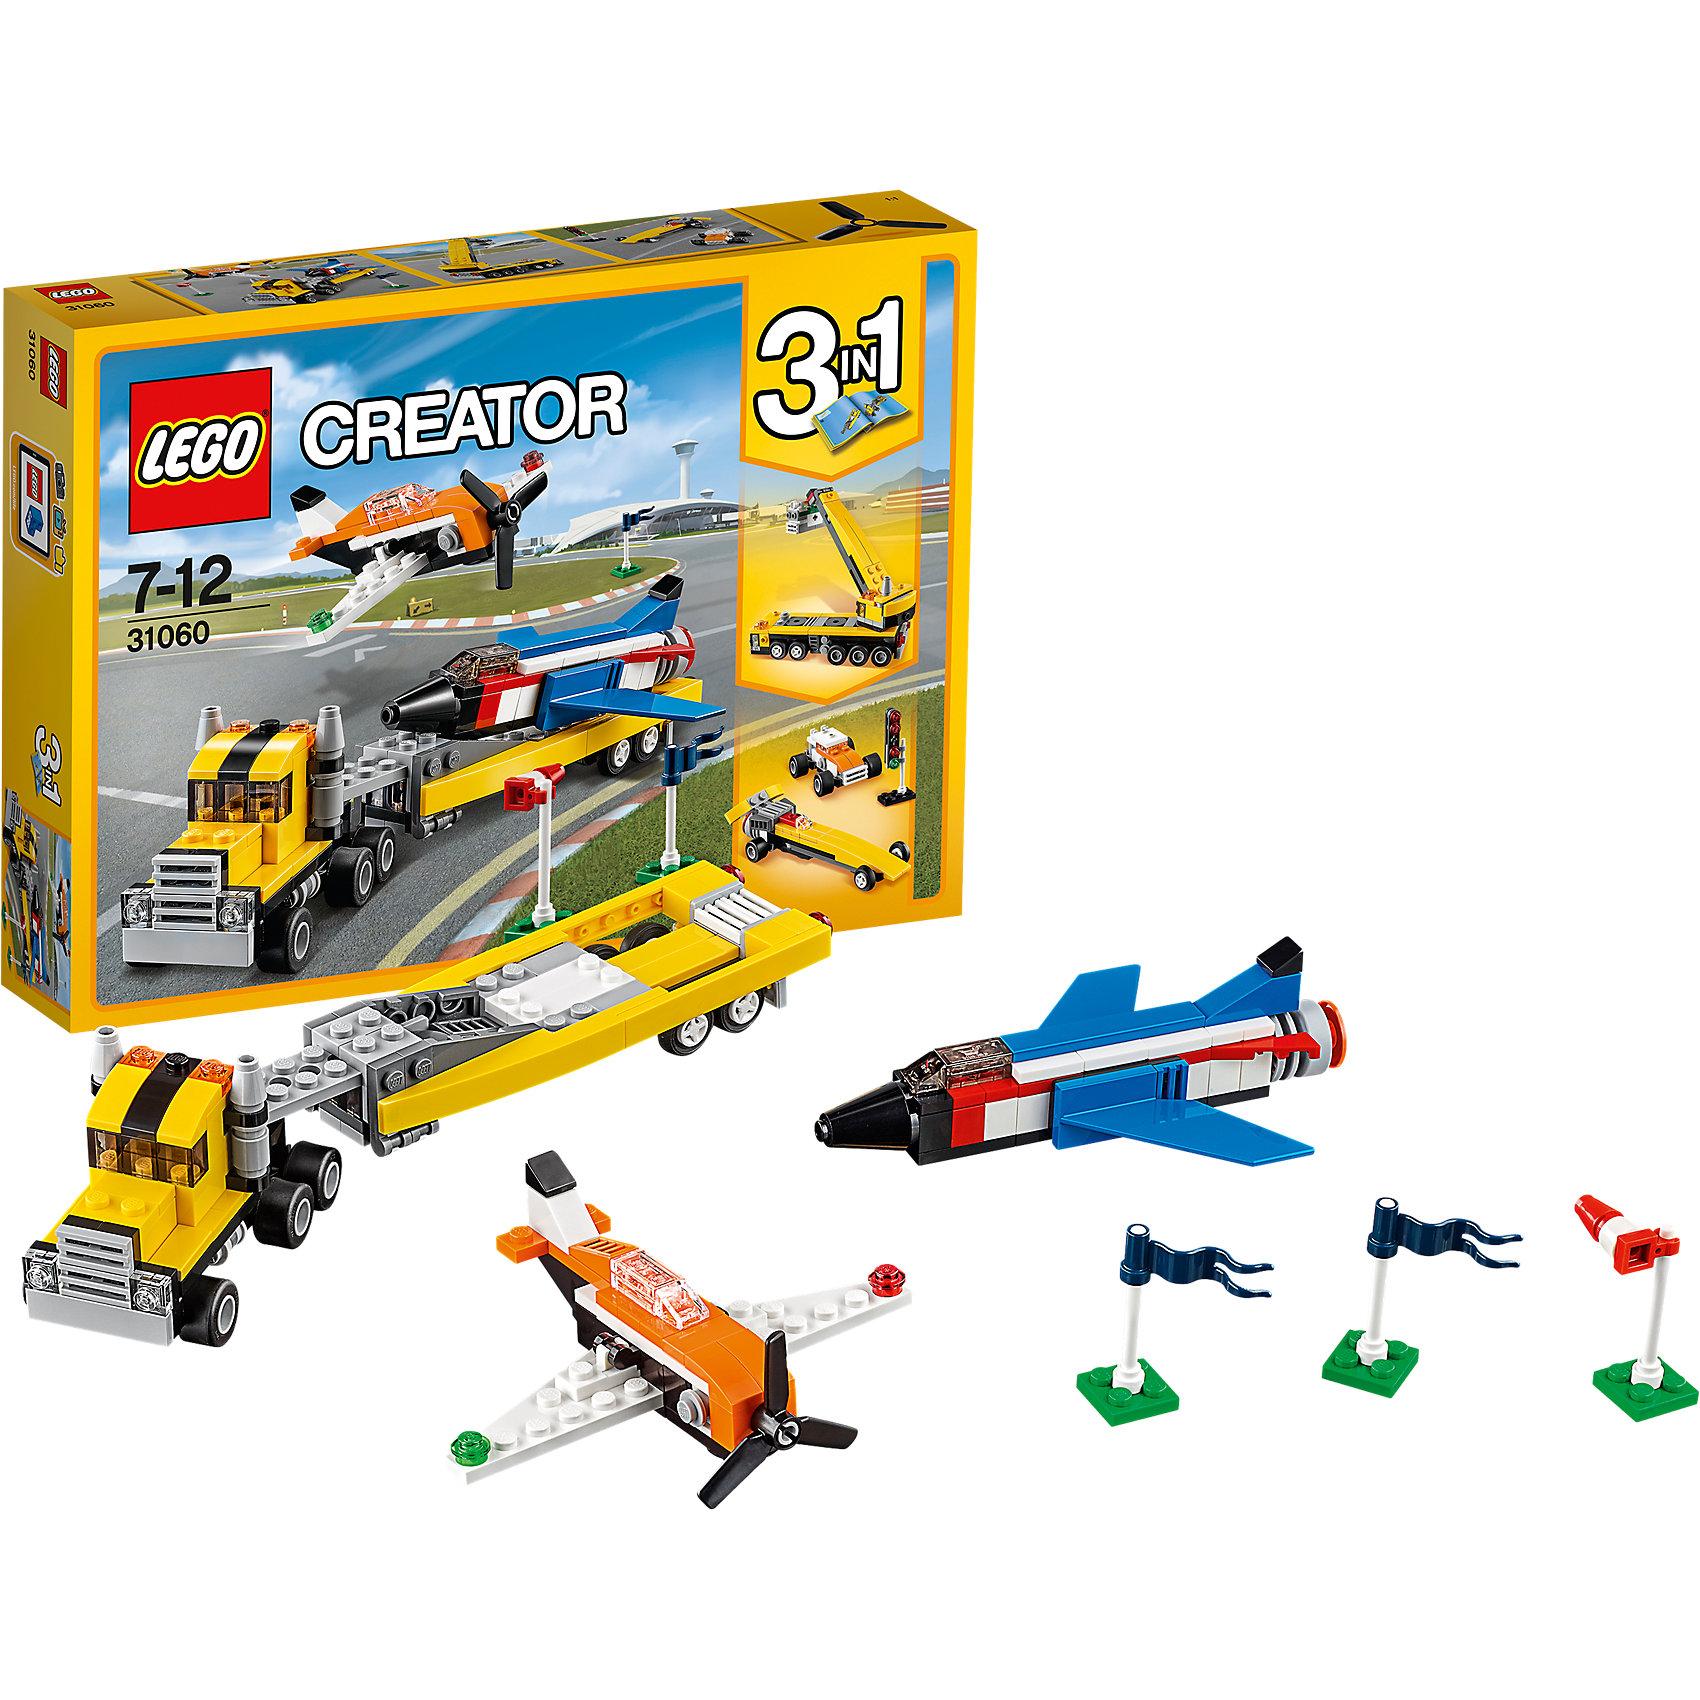 LEGO Creator 31060: Пилотажная группаLEGO Creator 31060: Пилотажная группа<br><br>Характеристики:<br><br>- в набор входит: детали для двух самолетов и грузовика, аксессуары, красочная инструкция<br>- состав: пластик<br>- количество деталей: 246<br>- размер сверхзвукового самолета: 12 * 3 * 9 см.<br>- размер самолета с пропеллером: 11 * 4 * 8 см.<br>- размер грузовика с прицепом: 25 * 4 * 5 см.<br>- для детей в возрасте: от 7 до 12 лет<br>- Страна производитель: Дания/Китай/Чехия<br><br>Легендарный конструктор LEGO (ЛЕГО) представляет серию «Creator» (Криэйтор), которая позволяет детям экспериментировать с домами, машинами, самолетами и существами. Каждый набор этой серии подразумевает перестройку тремя разными способами убирая ограничения веселья! Набор Пилотажная группа понравится юным любителям авиации, ведь с ним вы можете устроить свое уникальное авиа шоу. В набор входит сверхзвуковой самолет, самолет с пропеллером и большой грузовик с отсоединяемым прицепом для погрузки в него самолета. Крылья самолета с пропеллером двигаются, а грузовик с прицепом можно перестроить в две гоночные машины. В аксессуары входят два разборных флажка, светофор и флюгер для проверки силы и направления ветра до проведения полетов. Играя с конструктором ребенок развивает моторику рук, воображение и логическое мышление, научится собирать по инструкции и создавать свои модели. Придумывайте новые игры с набором LEGO «Creator»!<br><br>Конструктор LEGO Creator 31060: Пилотажная группа можно купить в нашем интернет-магазине.<br><br>Ширина мм: 265<br>Глубина мм: 190<br>Высота мм: 50<br>Вес г: 339<br>Возраст от месяцев: 84<br>Возраст до месяцев: 144<br>Пол: Мужской<br>Возраст: Детский<br>SKU: 5002530